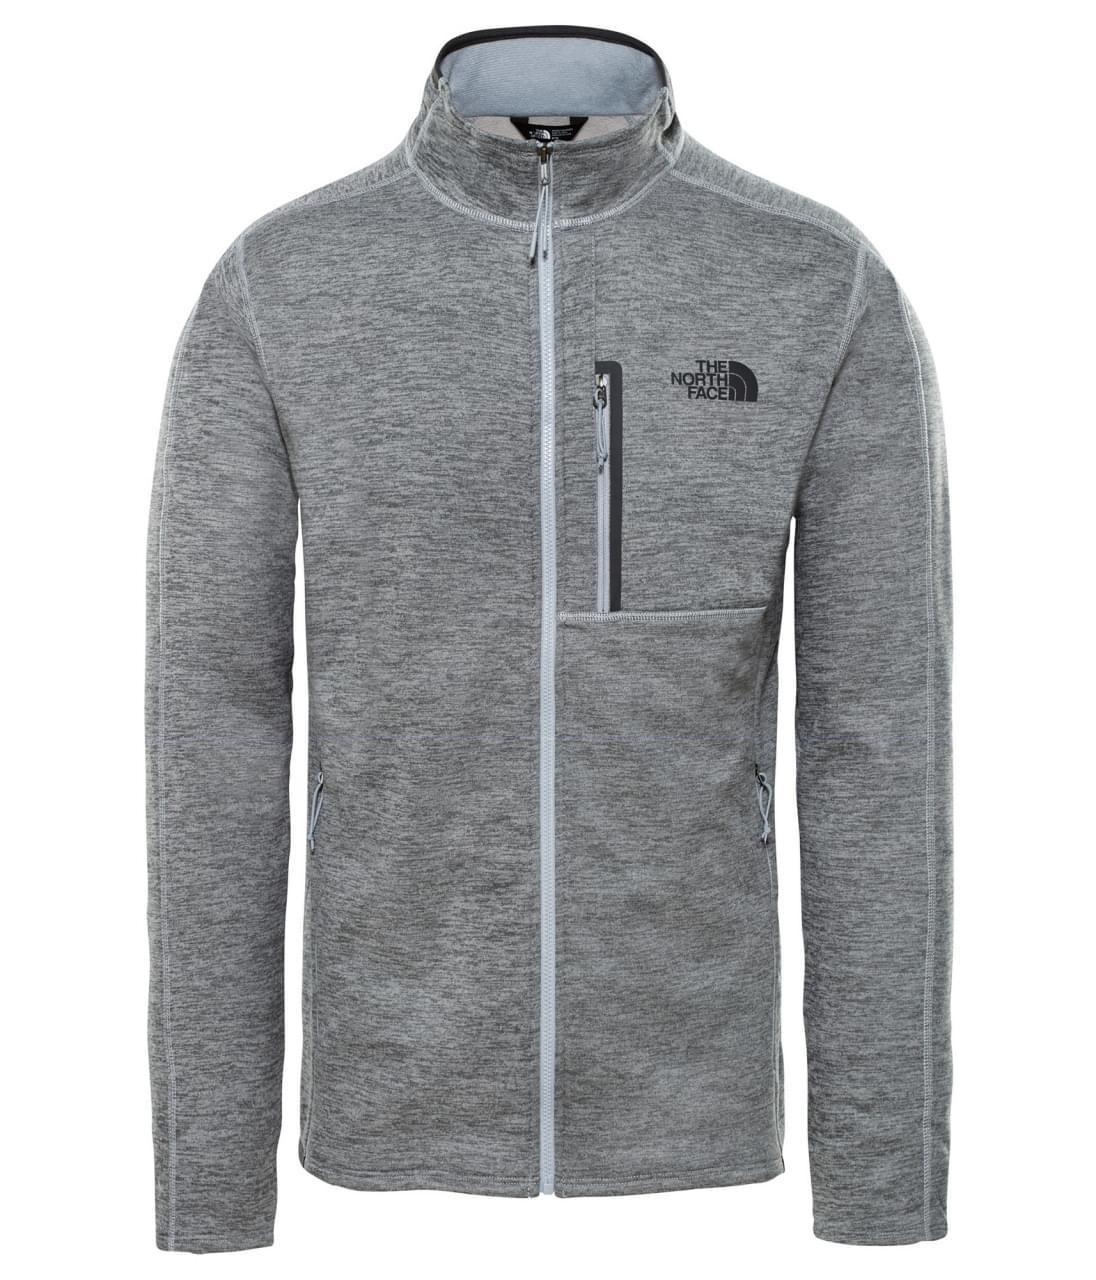 The North Face Canyonlands Fleece Jacket Heren Truien en vesten > Fleece jacket > Truien en vesten